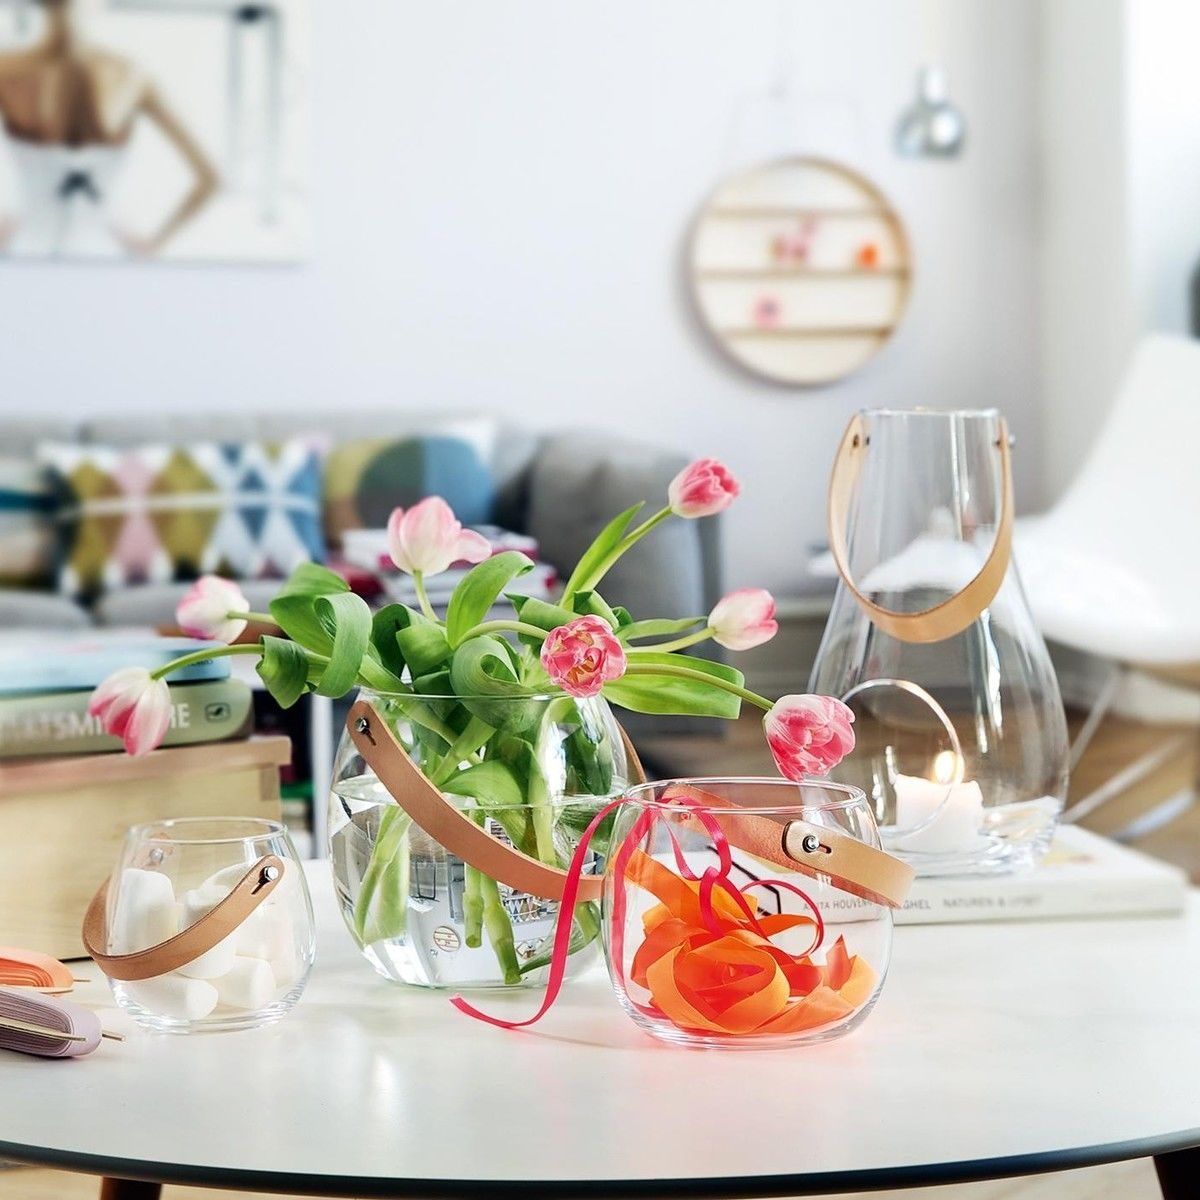 Design with light bol de vidrio holmegaard floreros - Bol de vidrio ...